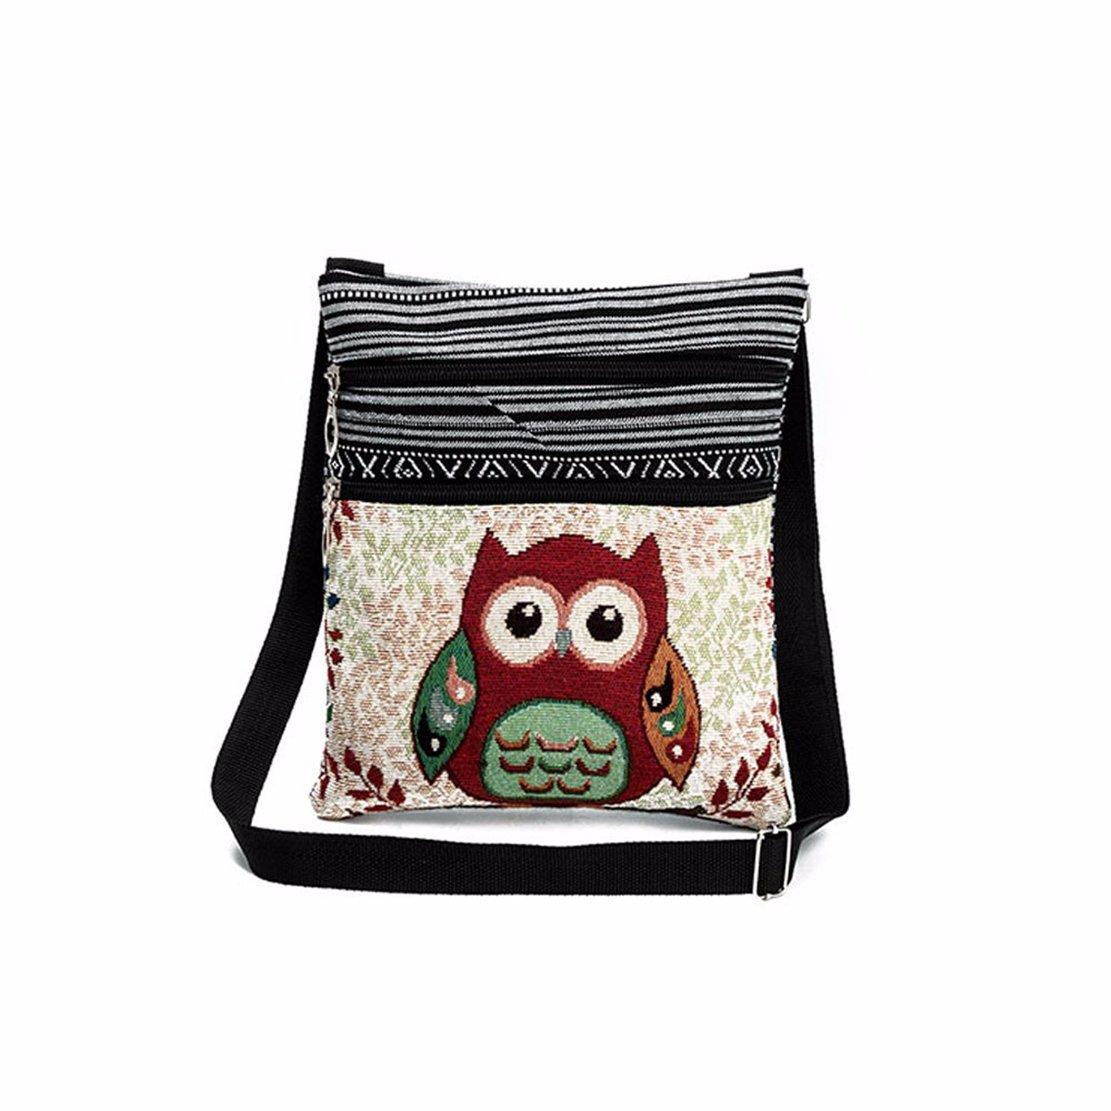 Kafe Damen Taschen Loveso Mädchen Frauen Owl Bestickte Taschen Umhängetasche Handtaschen (B)